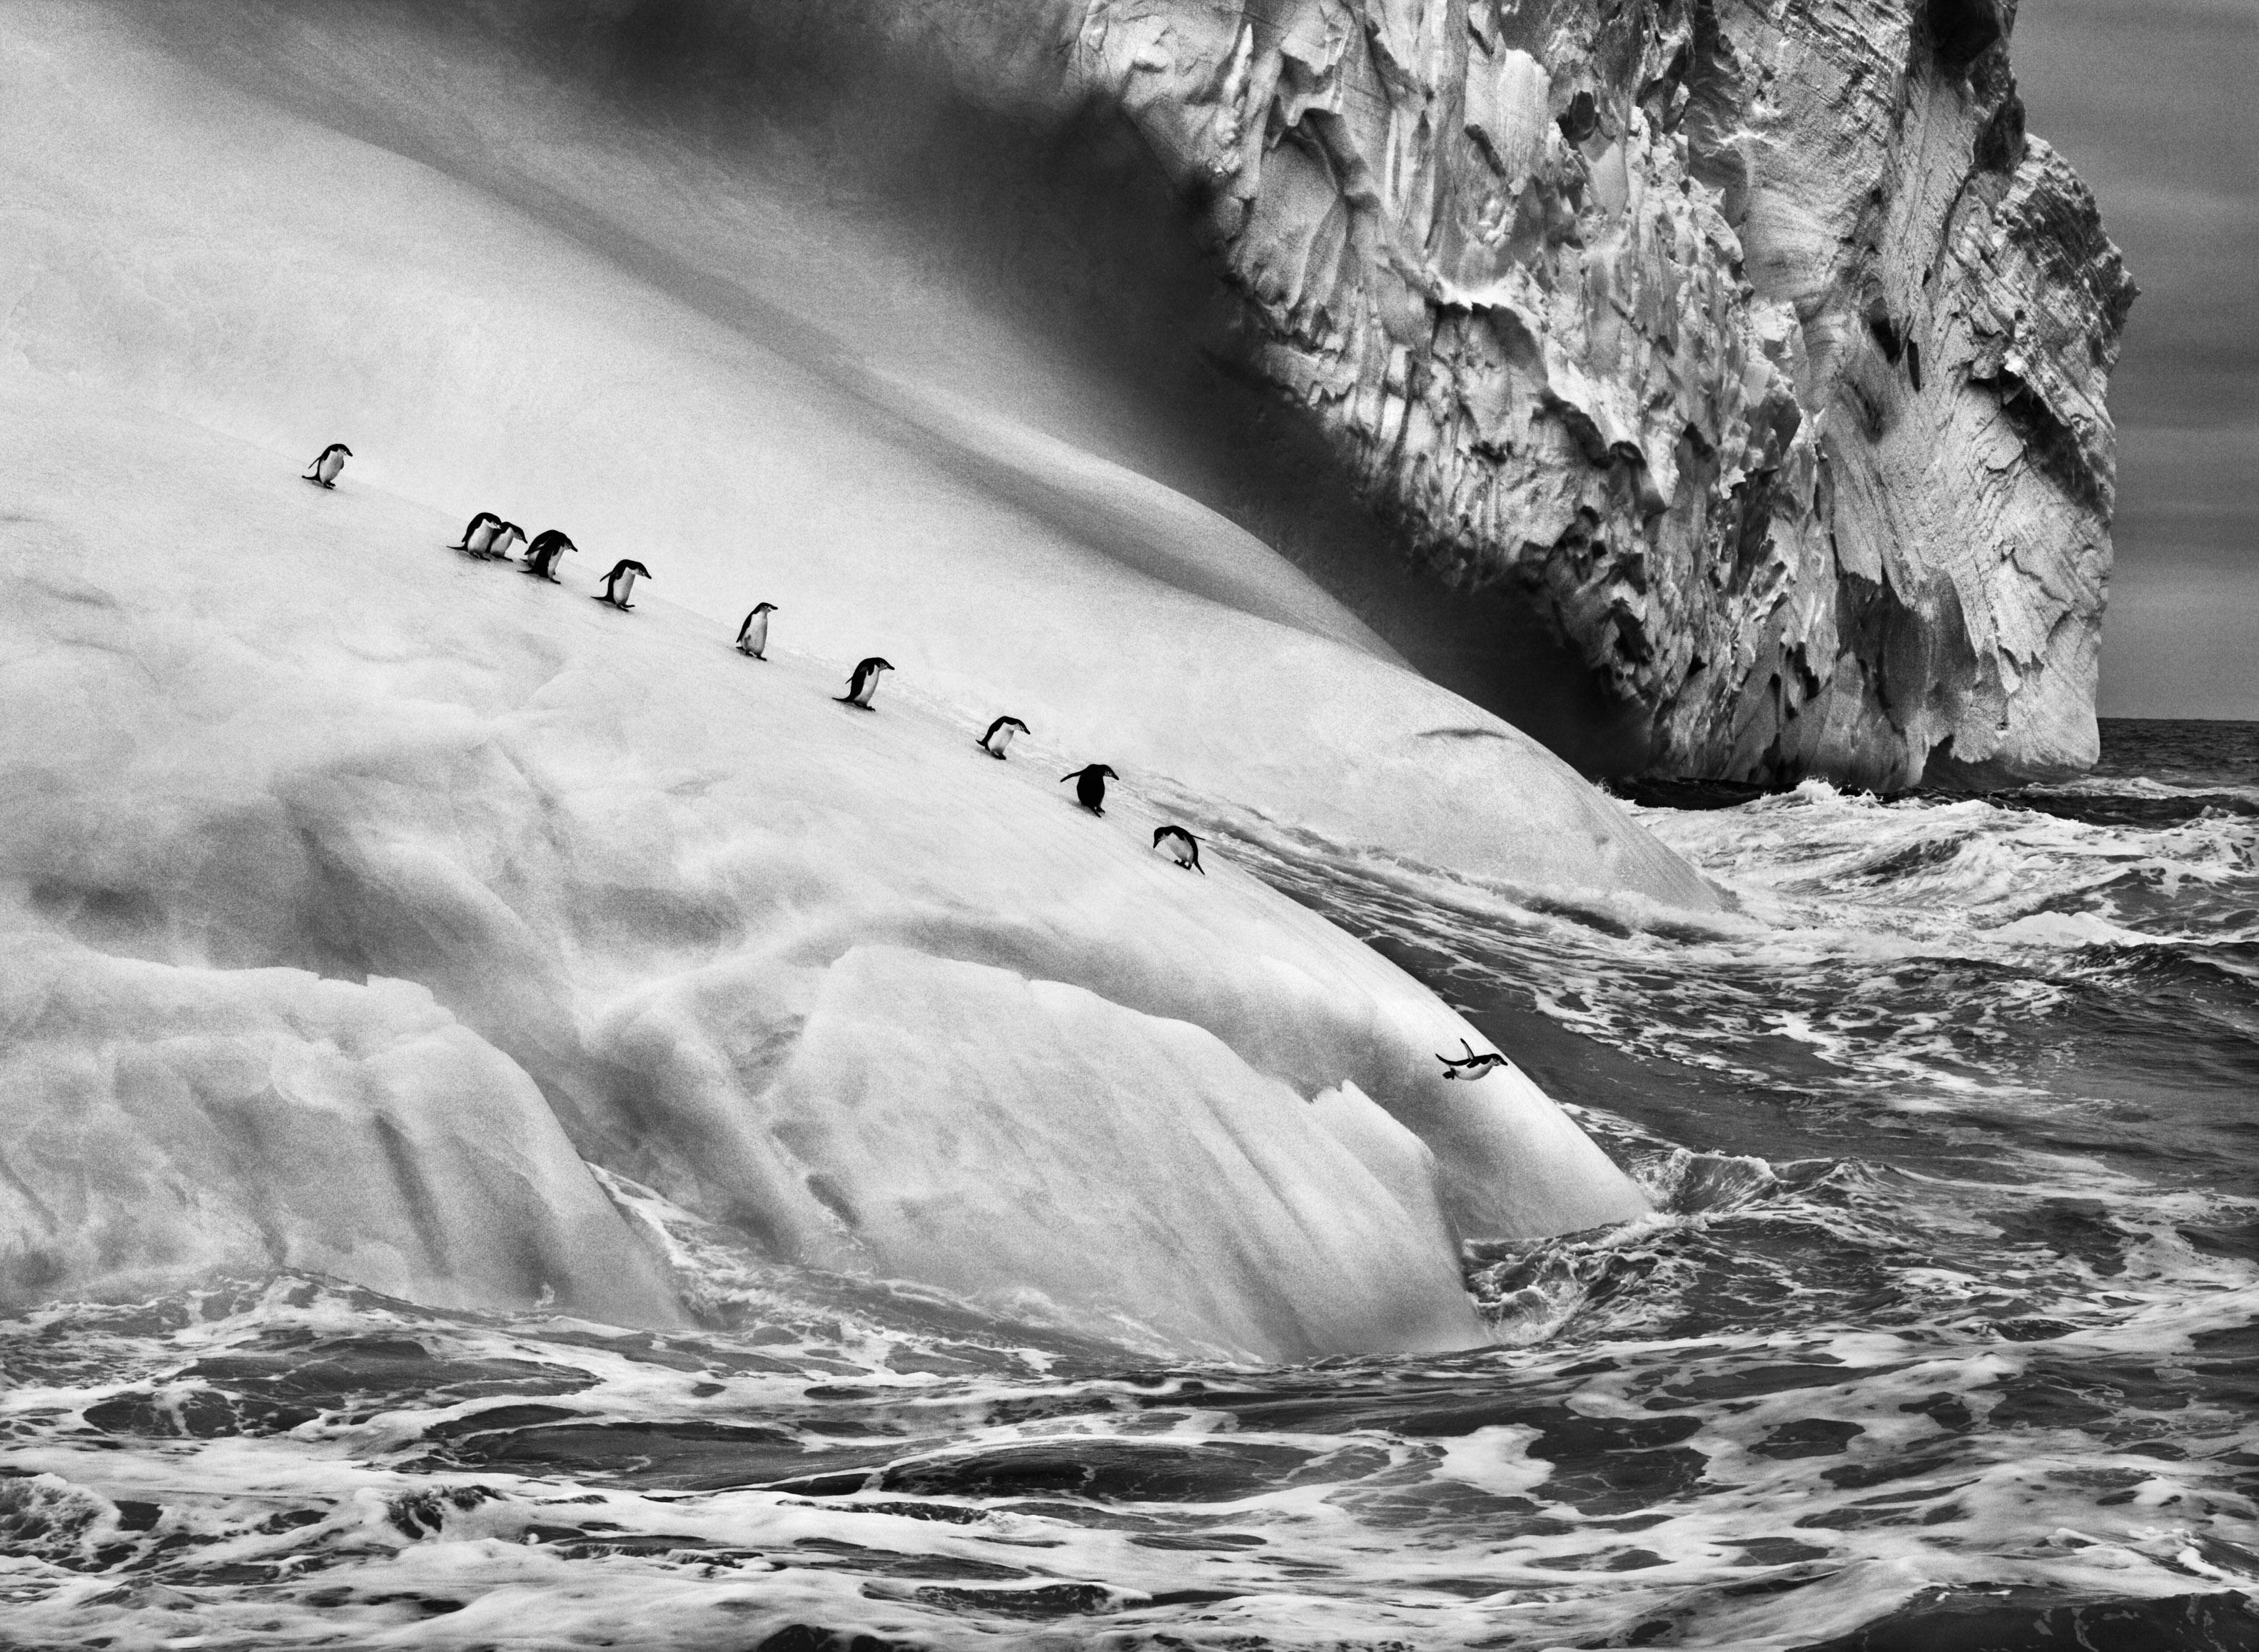 <p>Pinguins-de-barbicha (Pygoscelis antarcticus) sobre um iceberg localizado entre as ilhas Zavadovski e Visokoi. Ilhas Sandwich do Sul. 2009.</p>